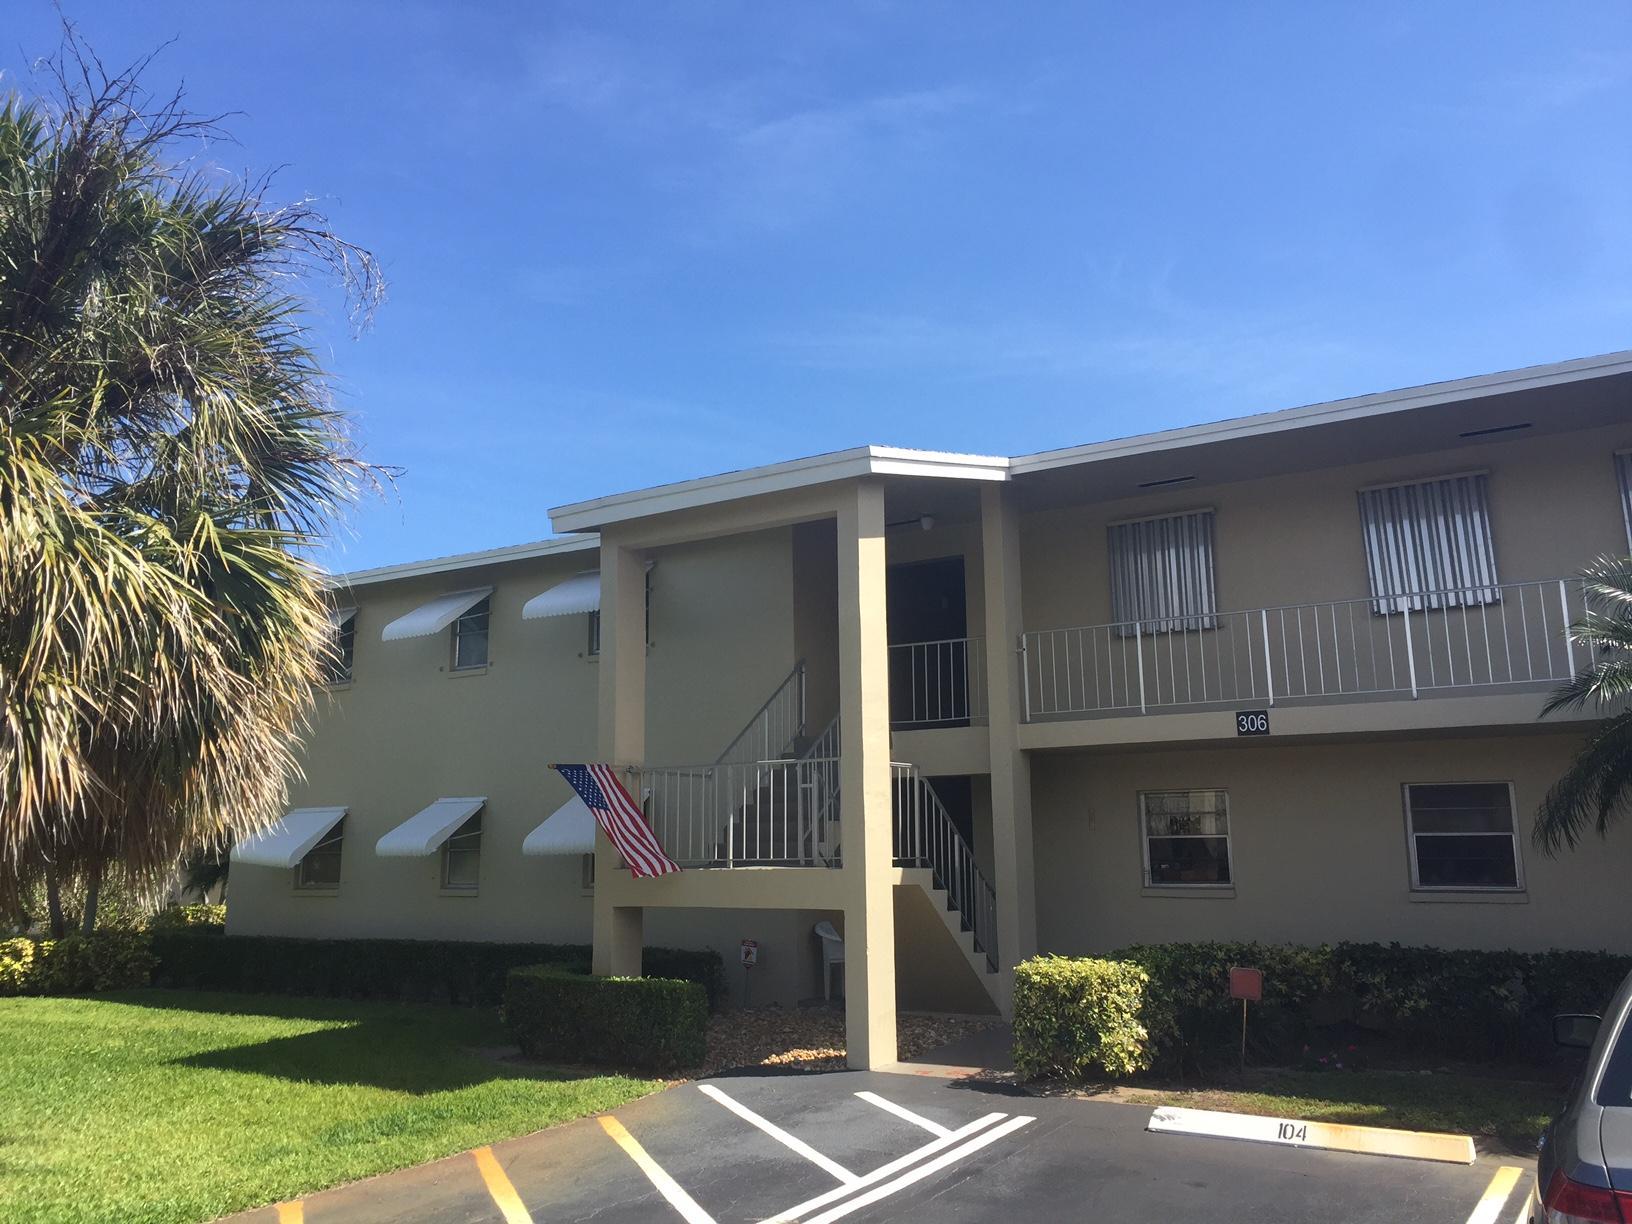 306 S Circle Drive 203 Boynton Beach, FL 33435